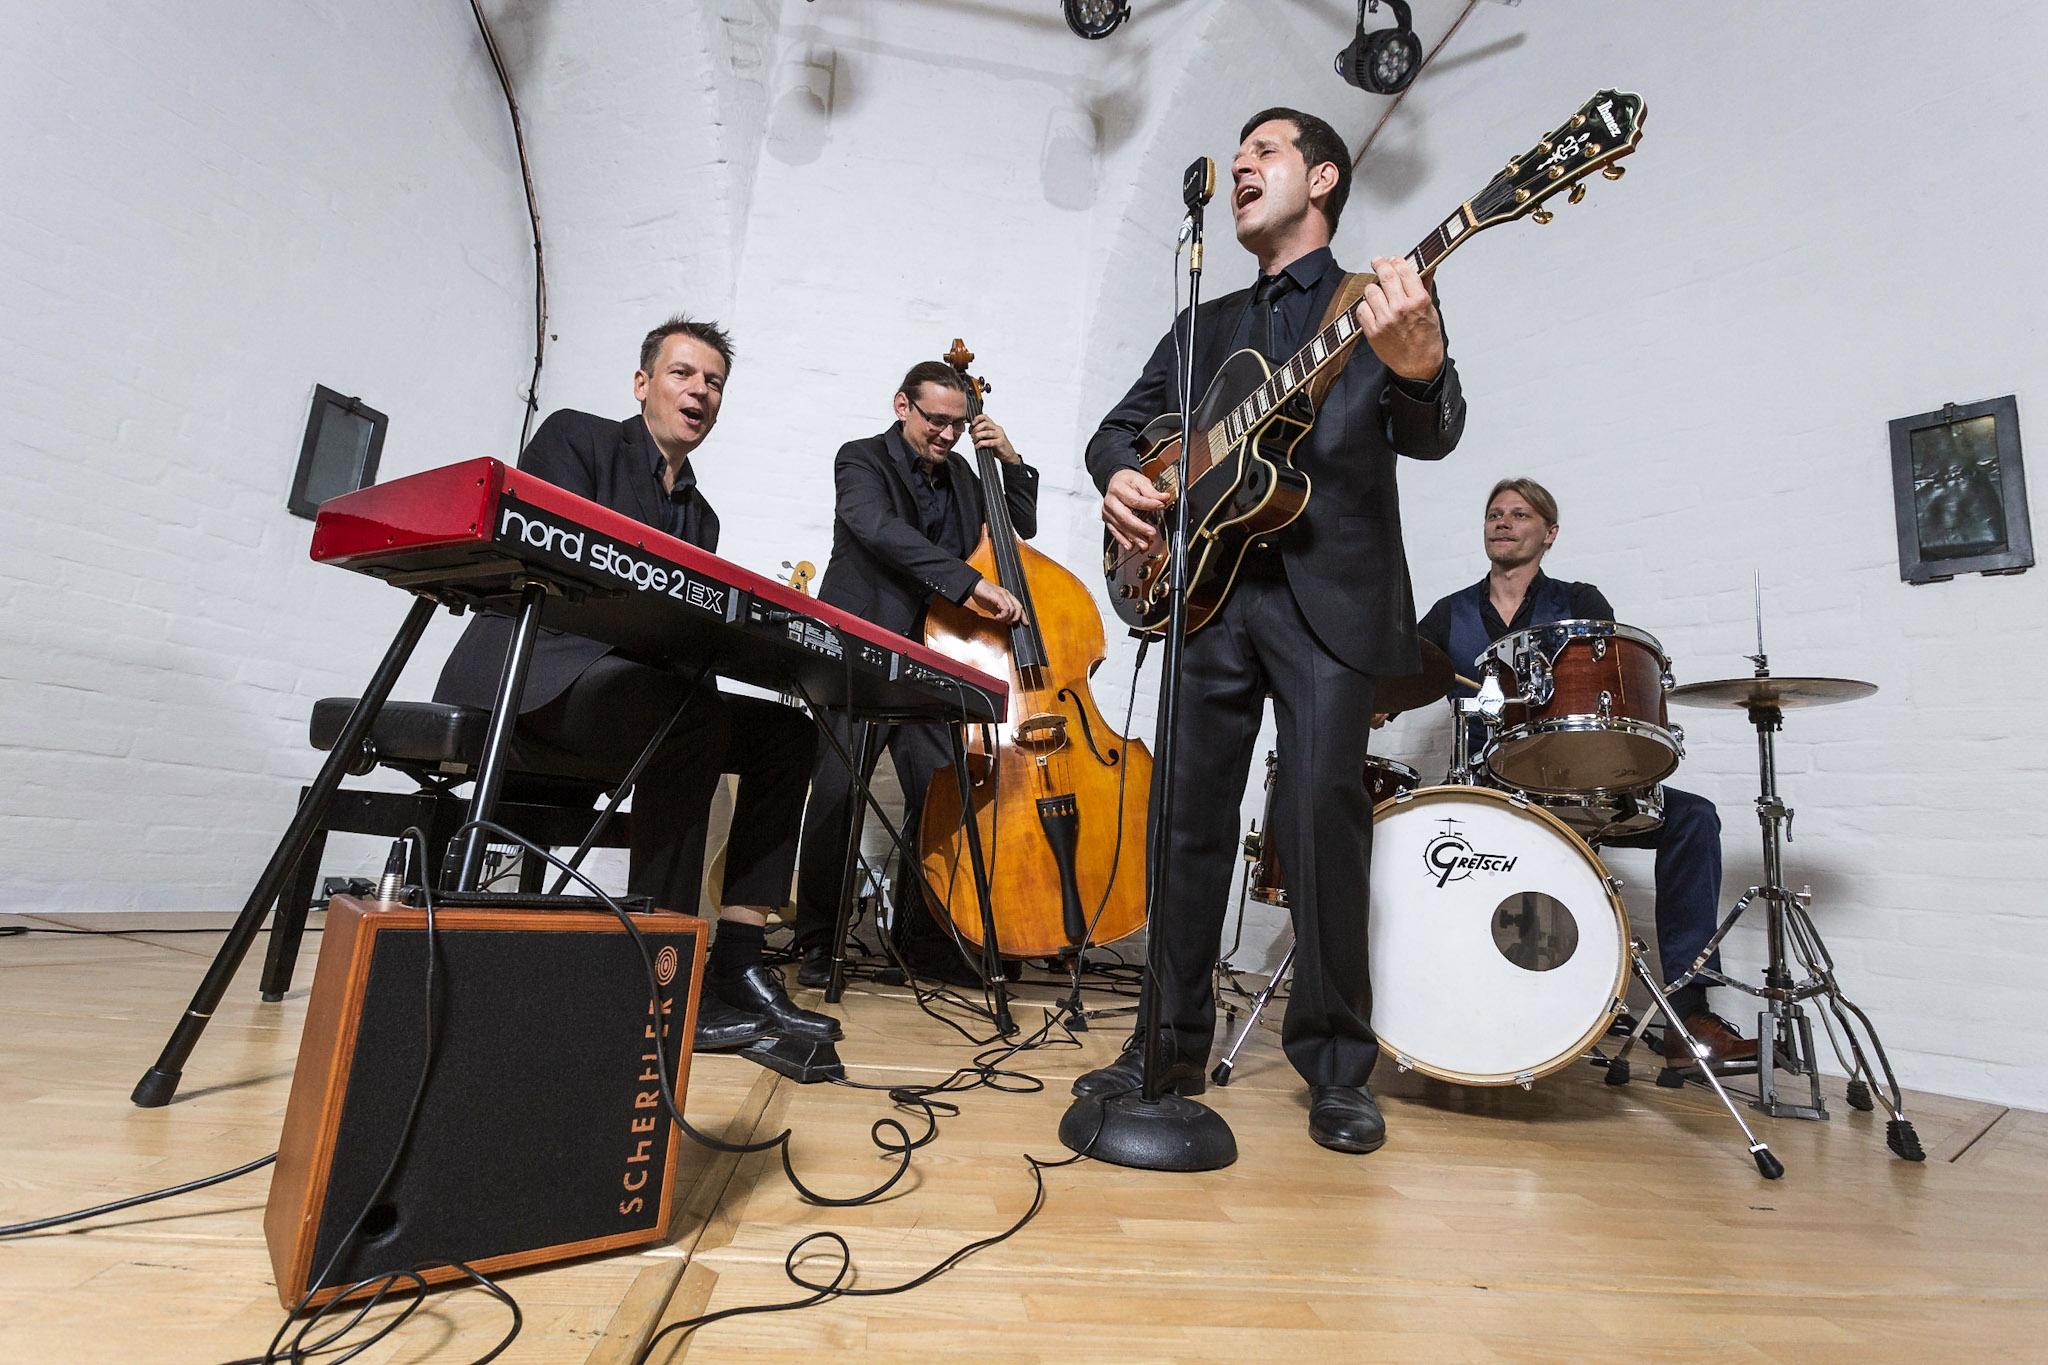 Hochzeitsband Heidelberg Stilvolle Livemusik Fur Ihre Feier